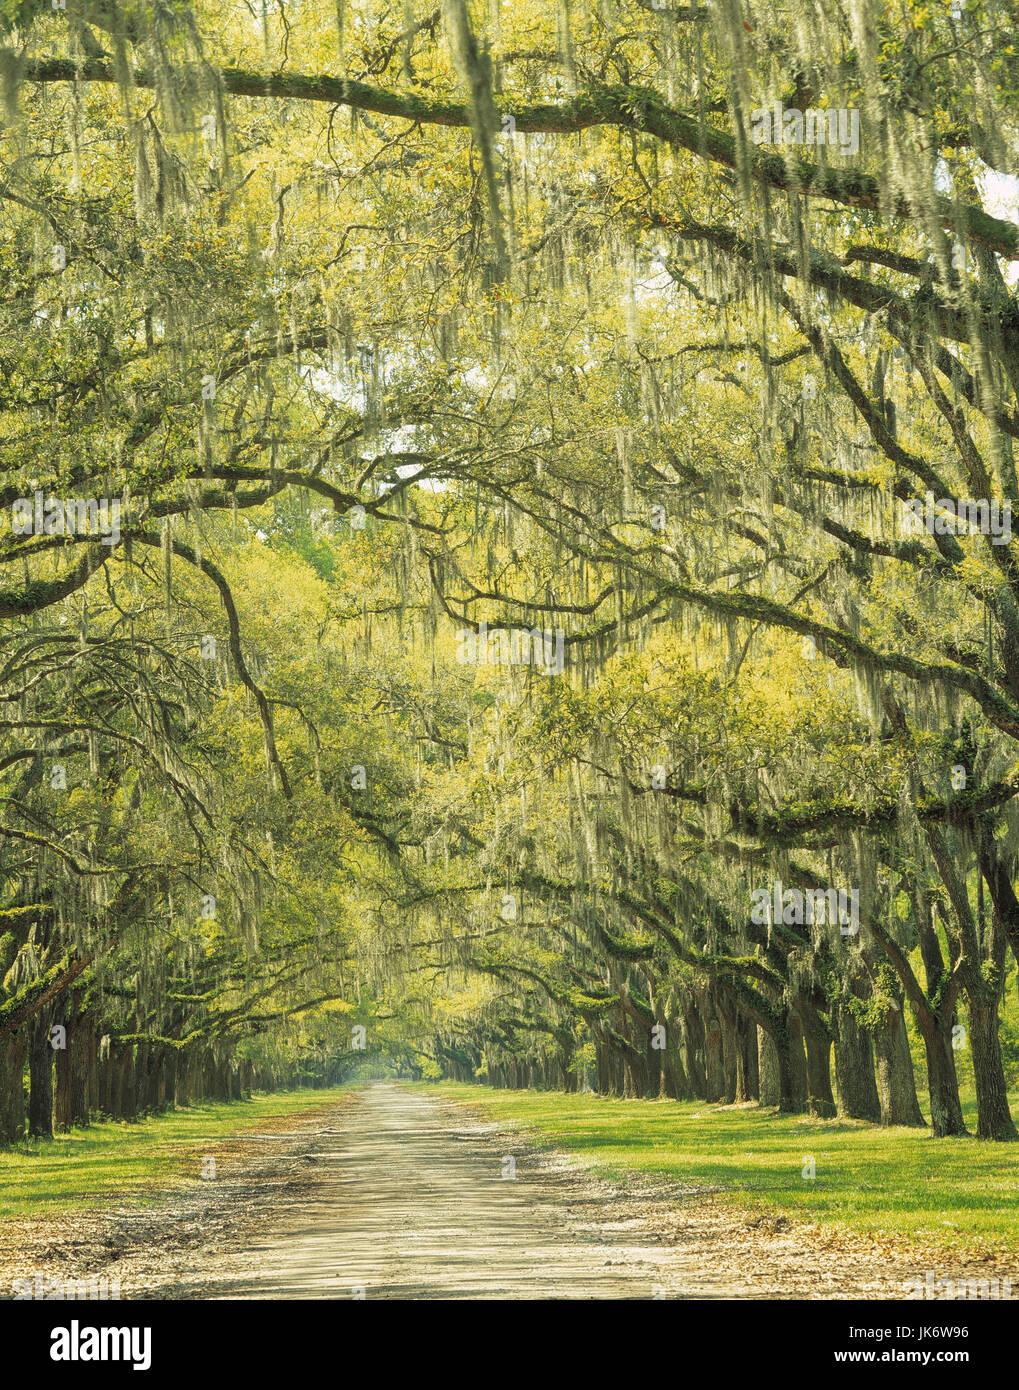 USA, Georgia, Savannah, Wormsloe  State Historic Site, Eichen, bewachsen,  spanisches Moos Vereinigte Staaten, Nordamerika, - Stock Image